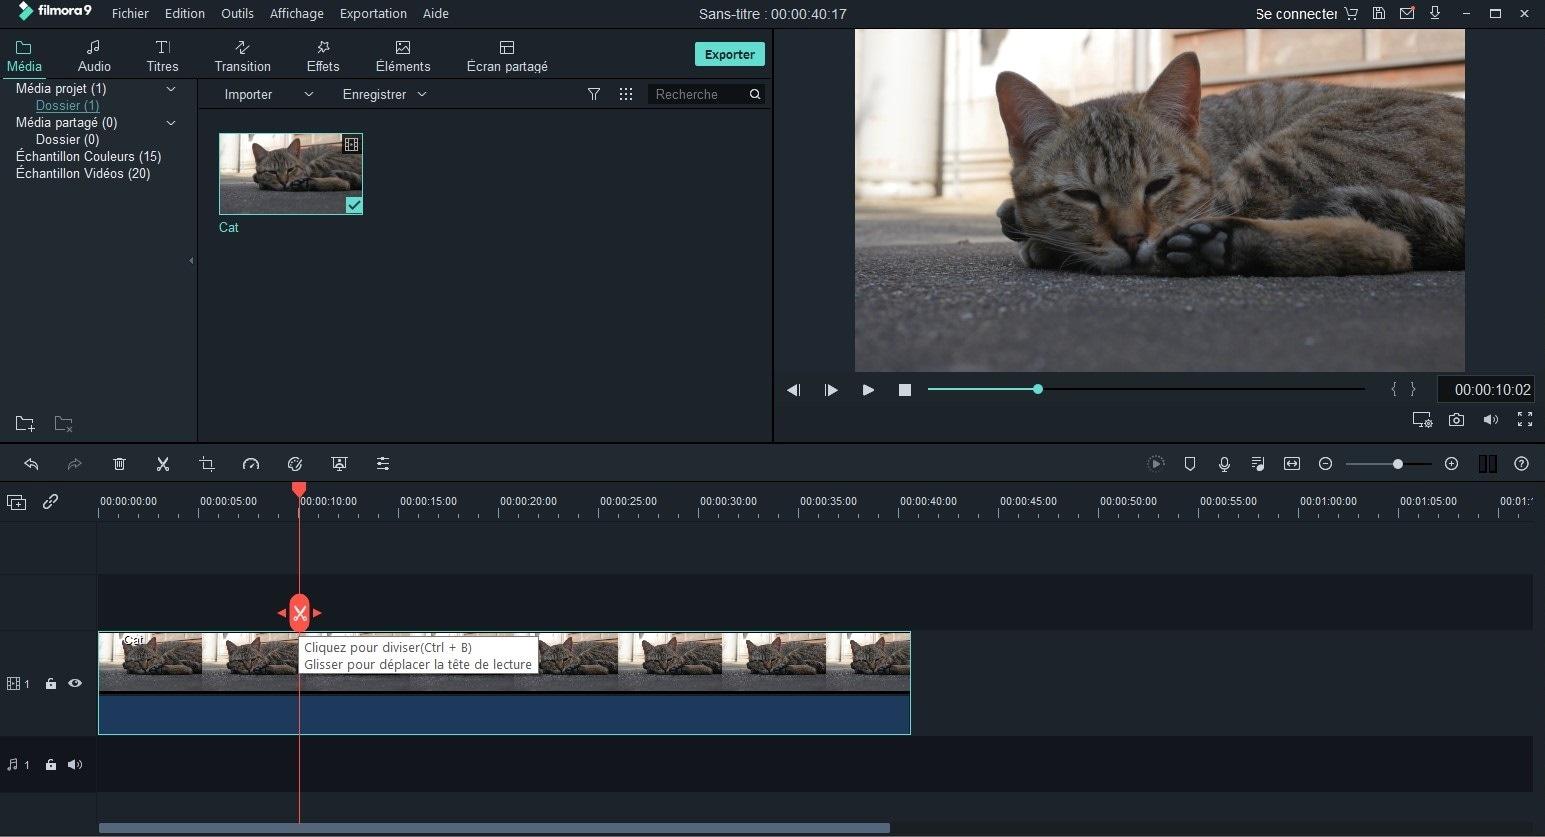 séparation rapide des clips vidéo